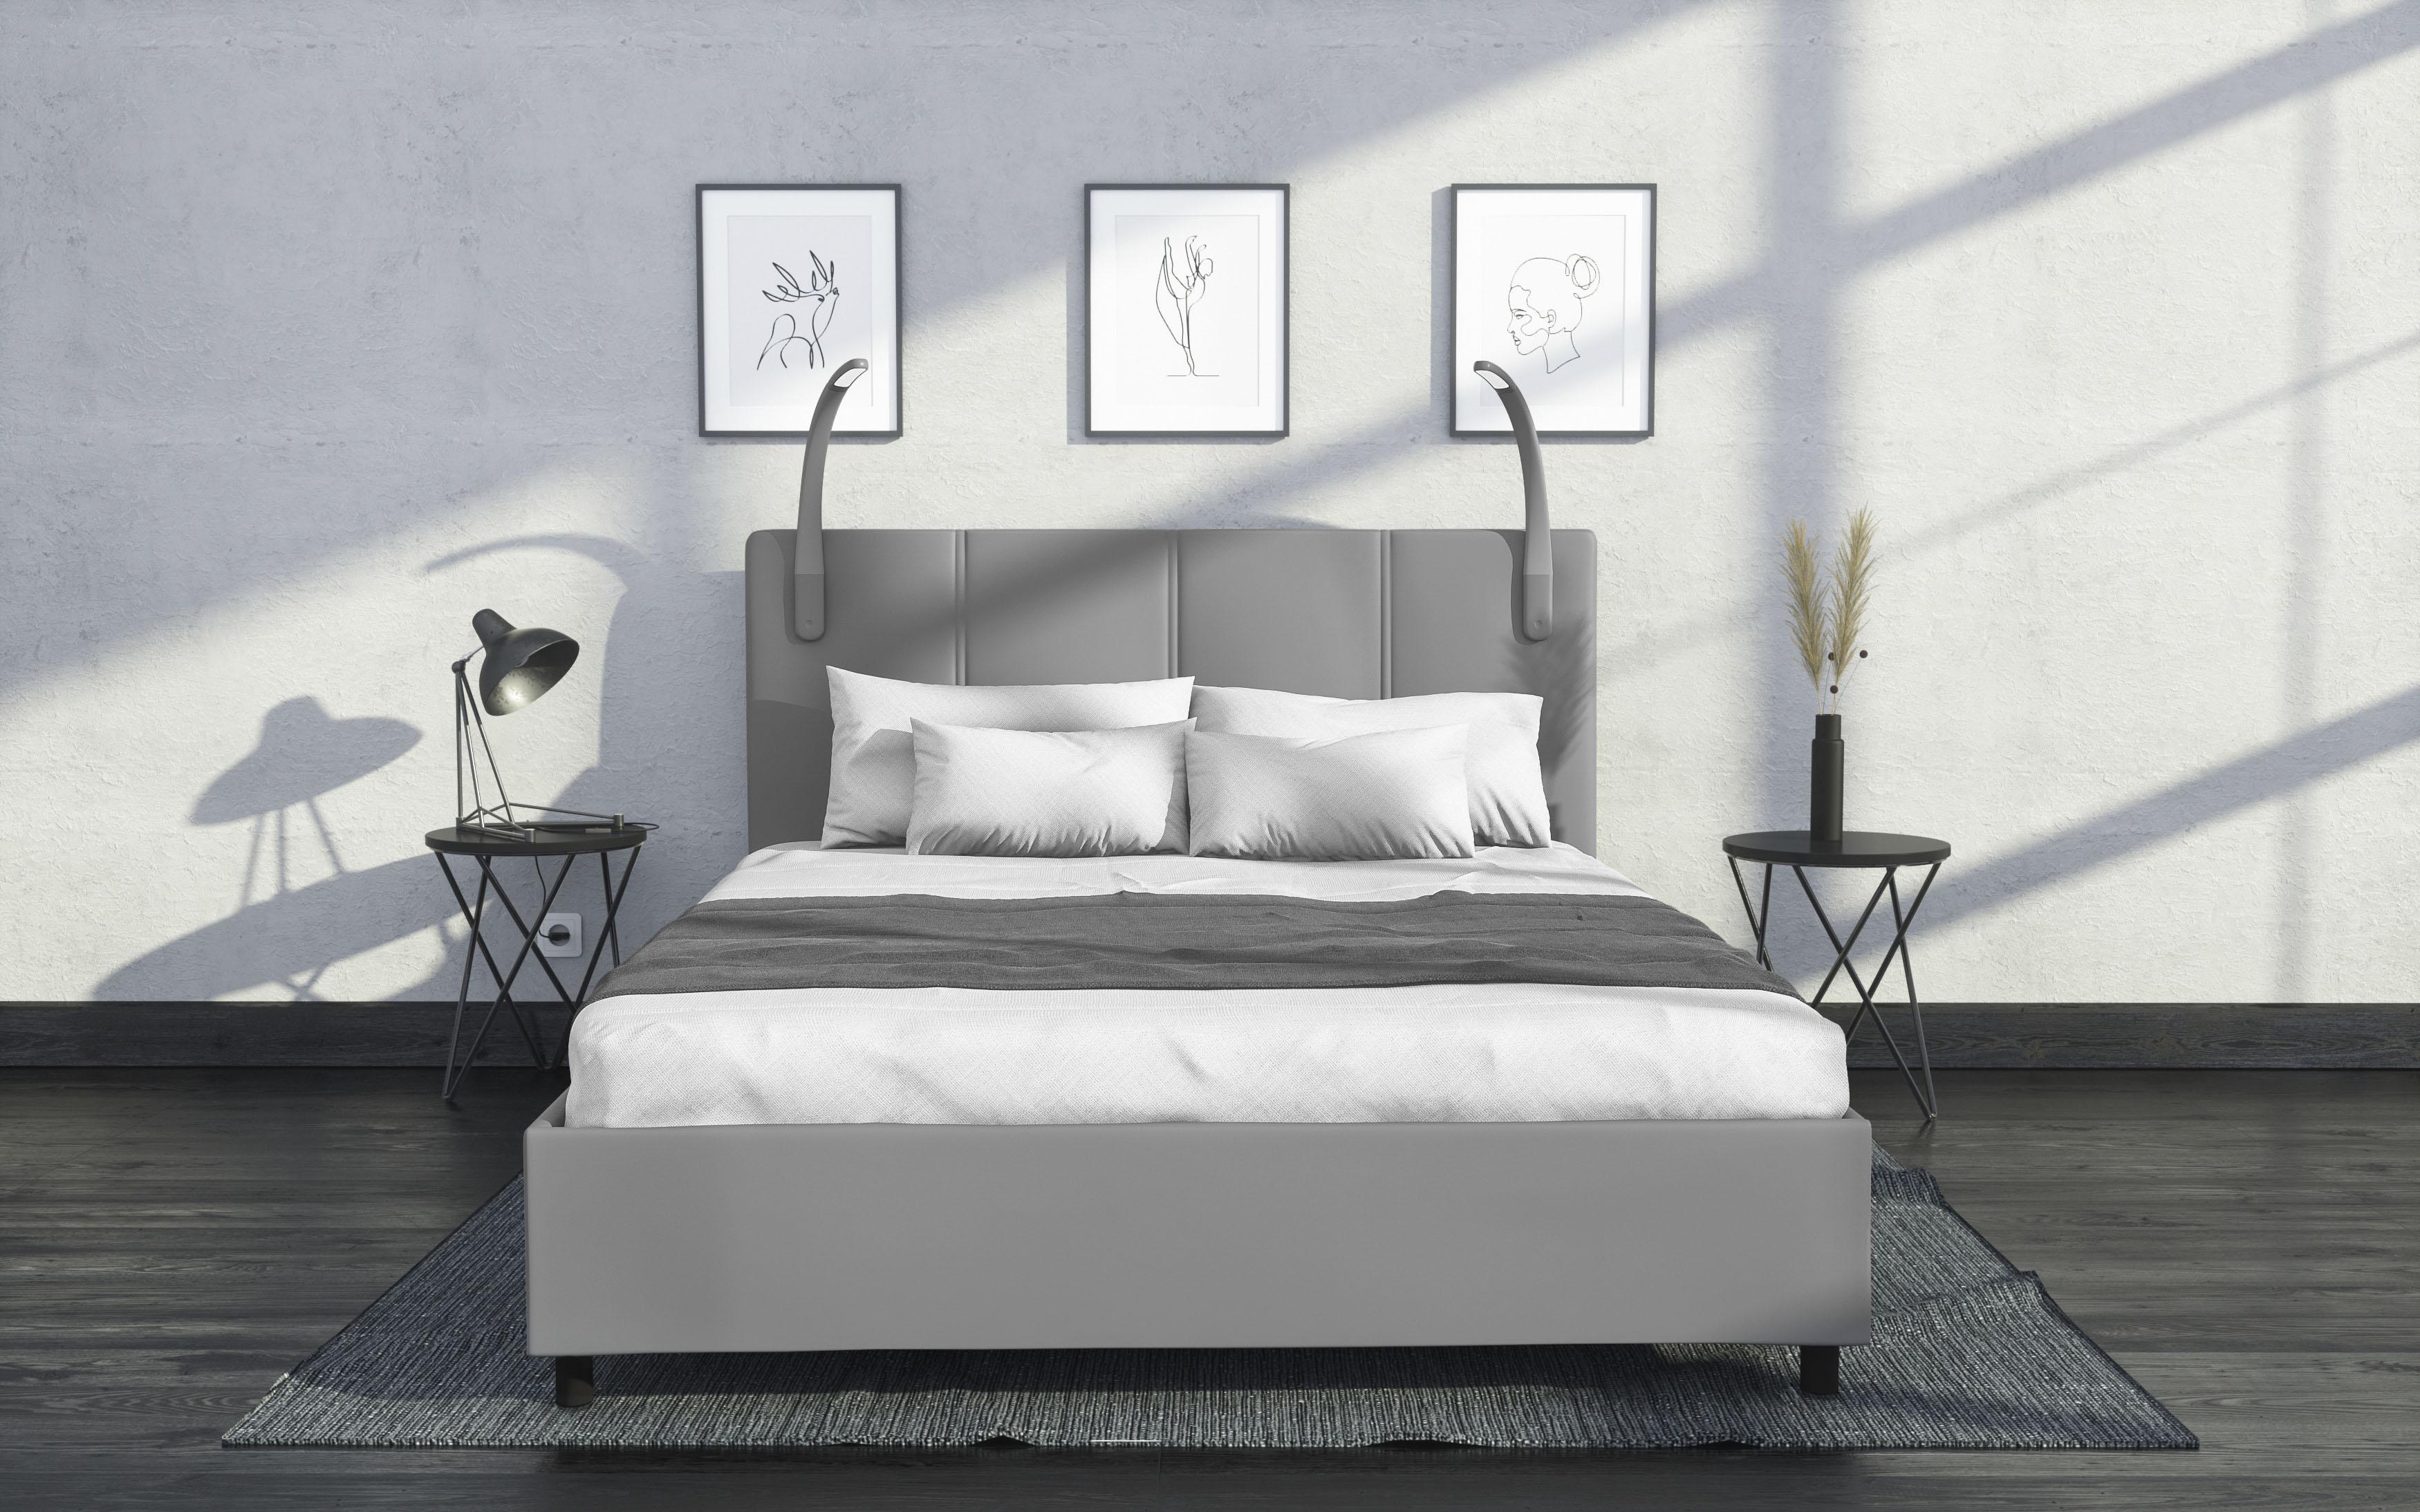 Westfalia Schlafkomfort Polsterbett, mit LED-Beleuchtung günstig online kaufen